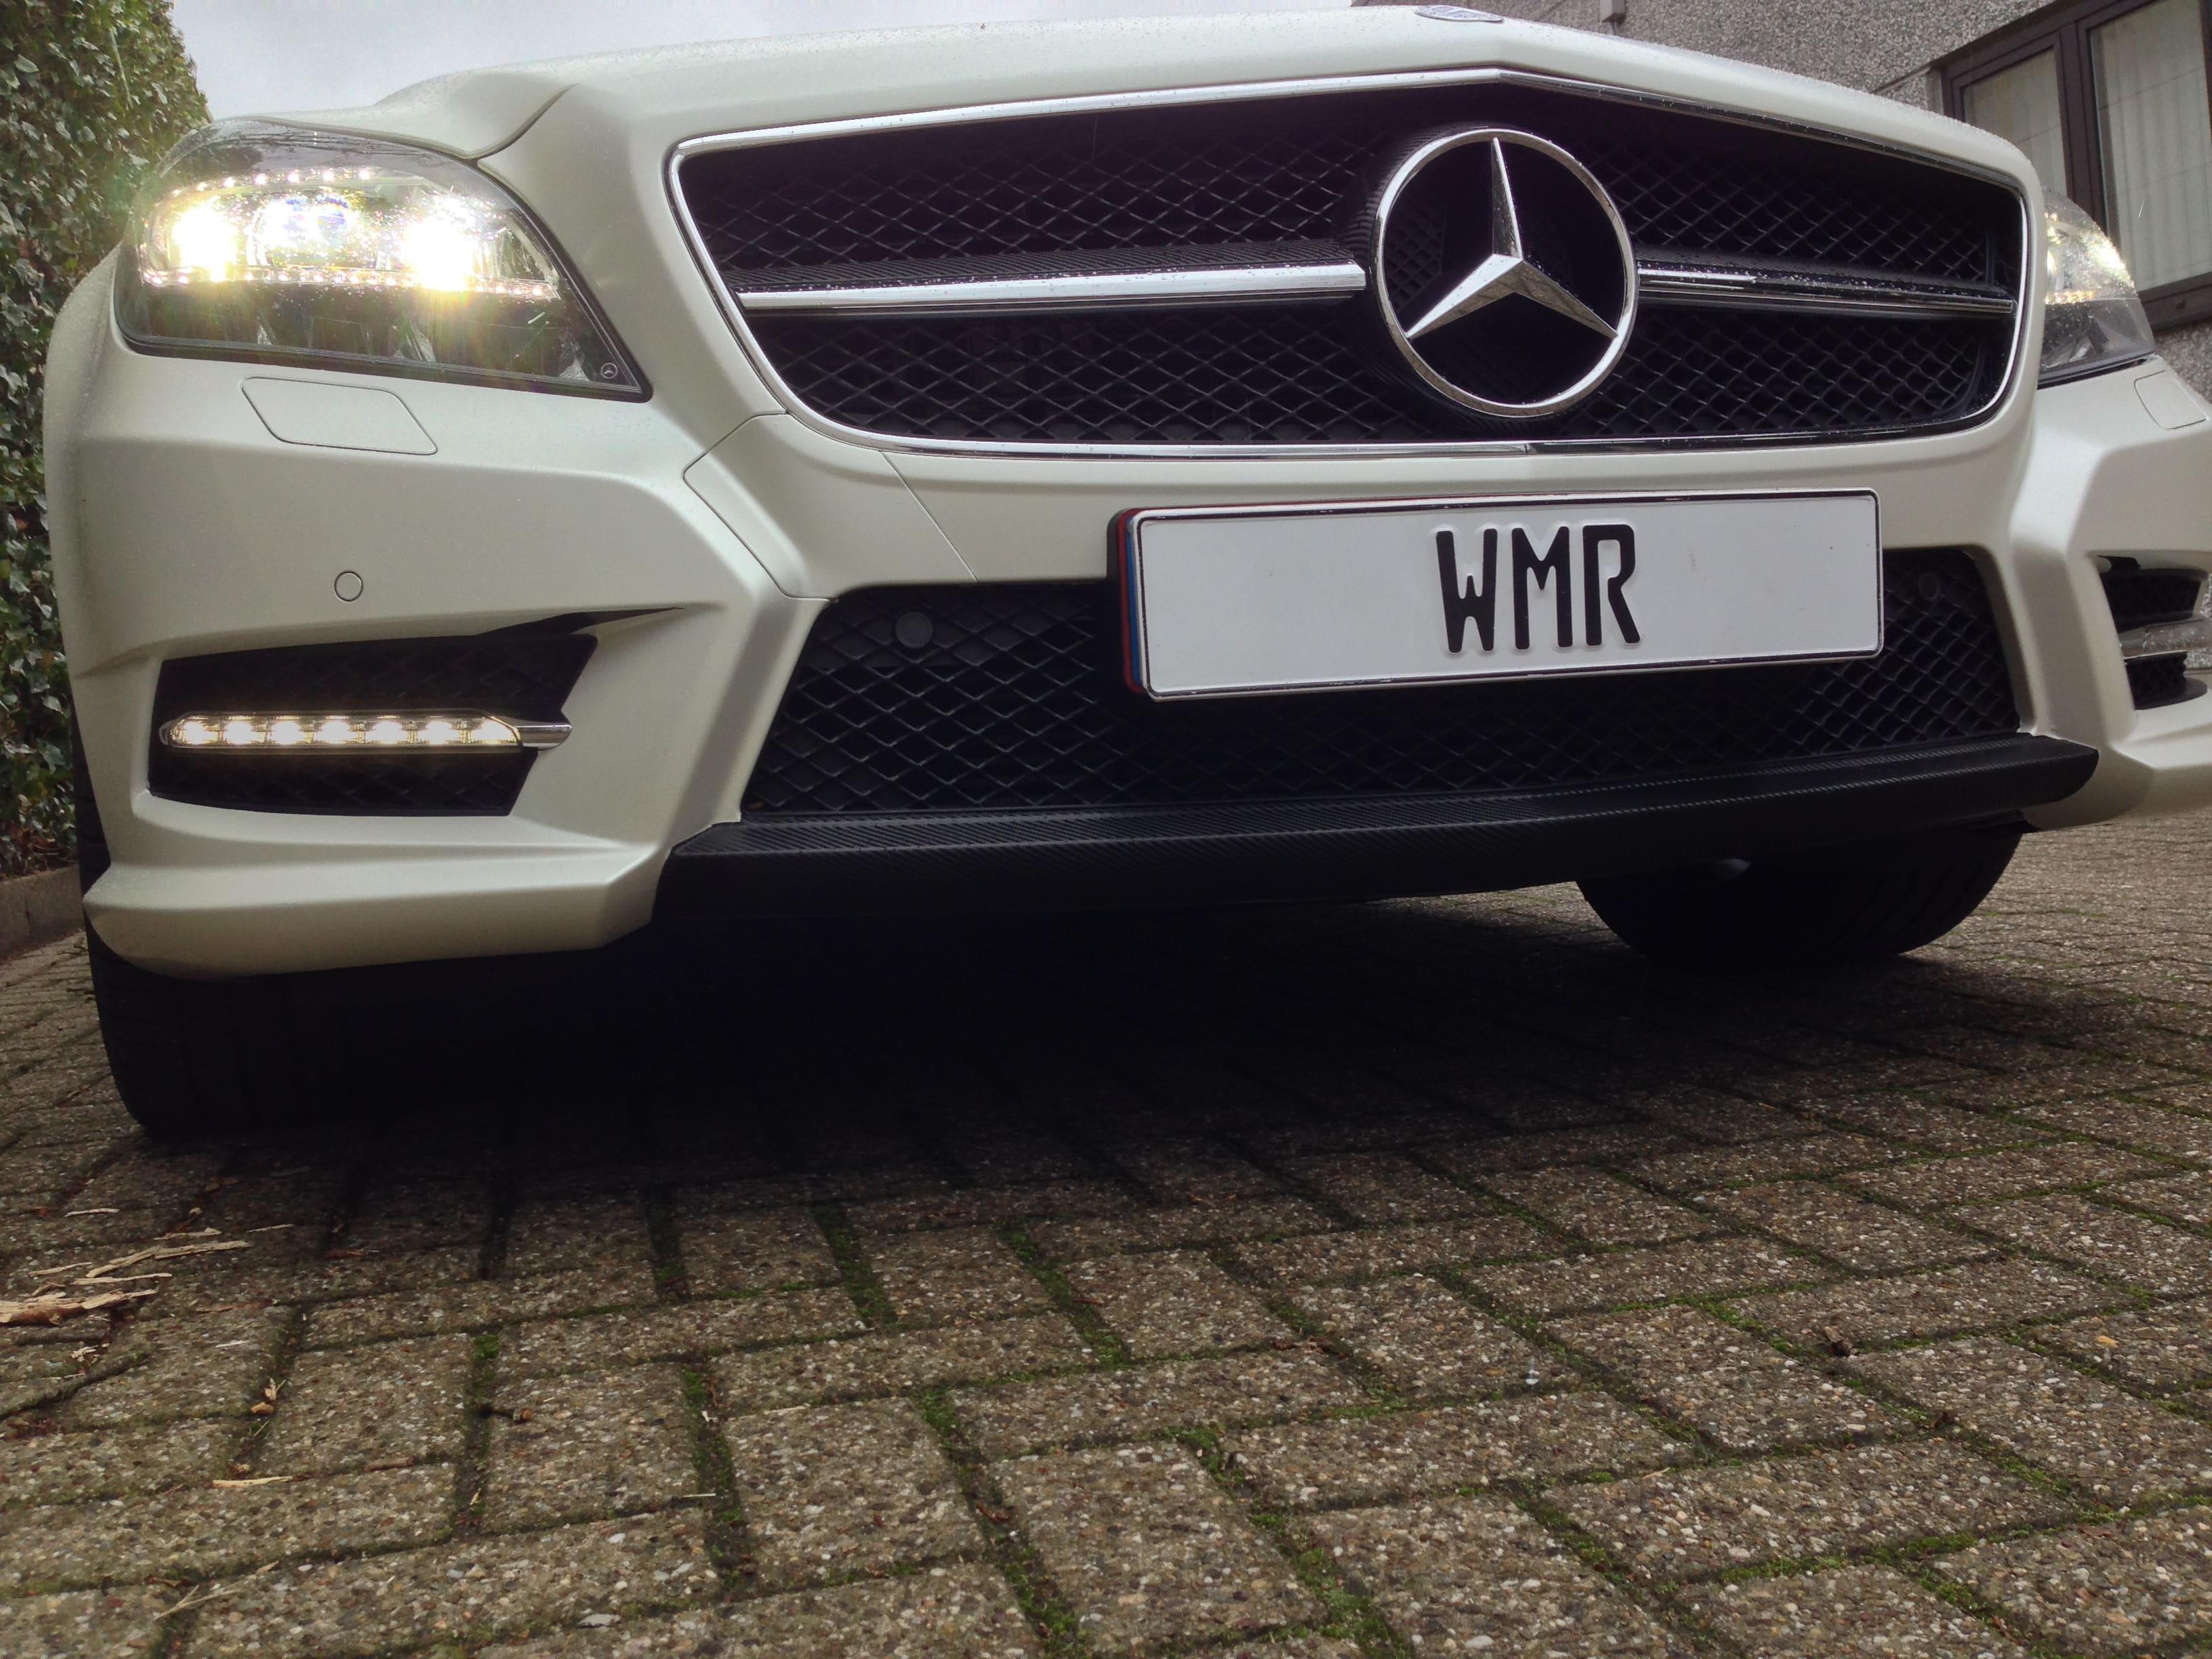 Mercedes CLS met White Satin Pearl Wrap, Carwrapping door Wrapmyride.nu Foto-nr:6207, ©2021